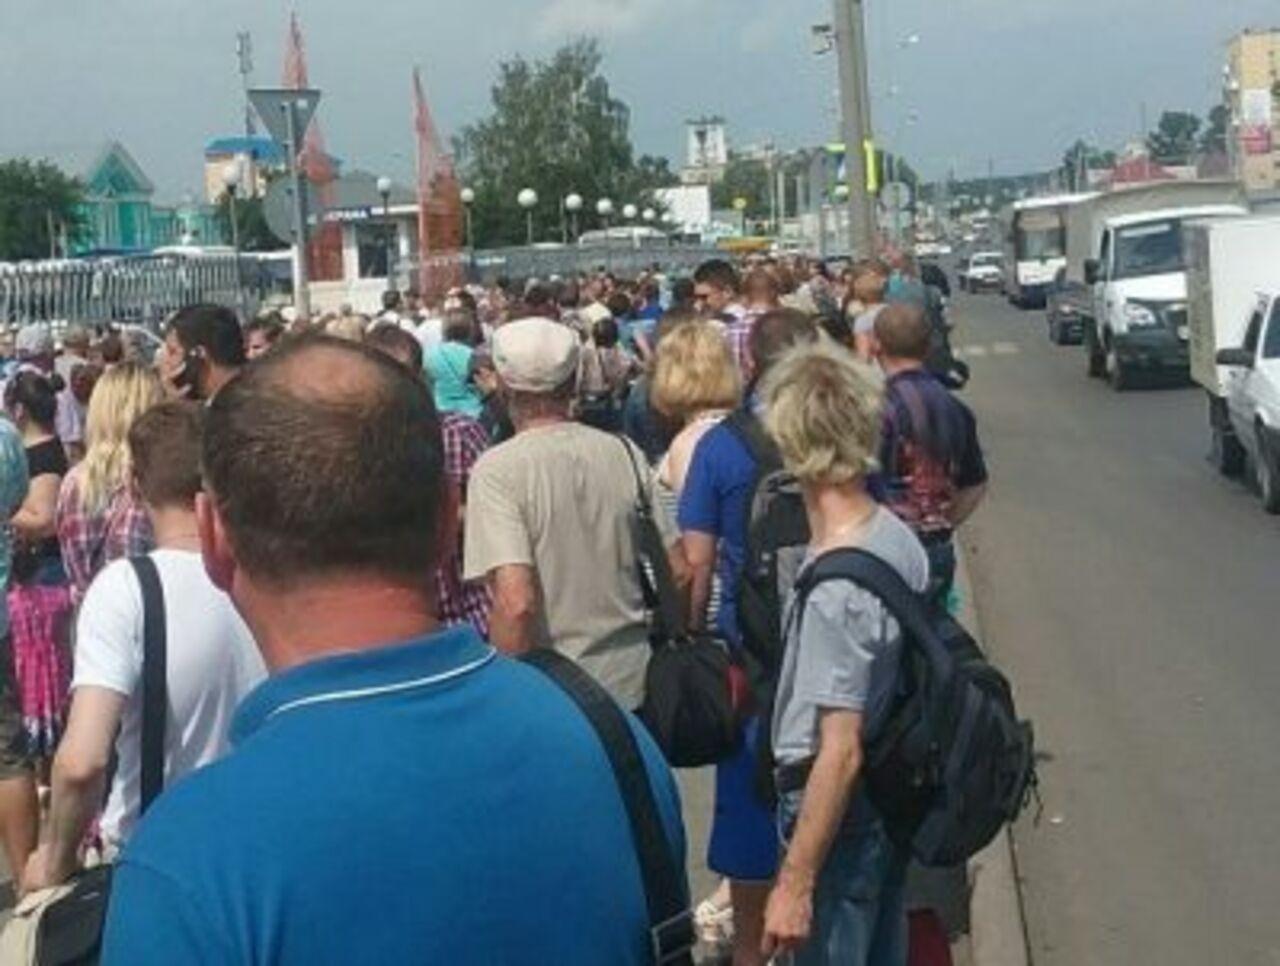 Опубликованы кадры эвакуации людей из автовокзала в Кемерове